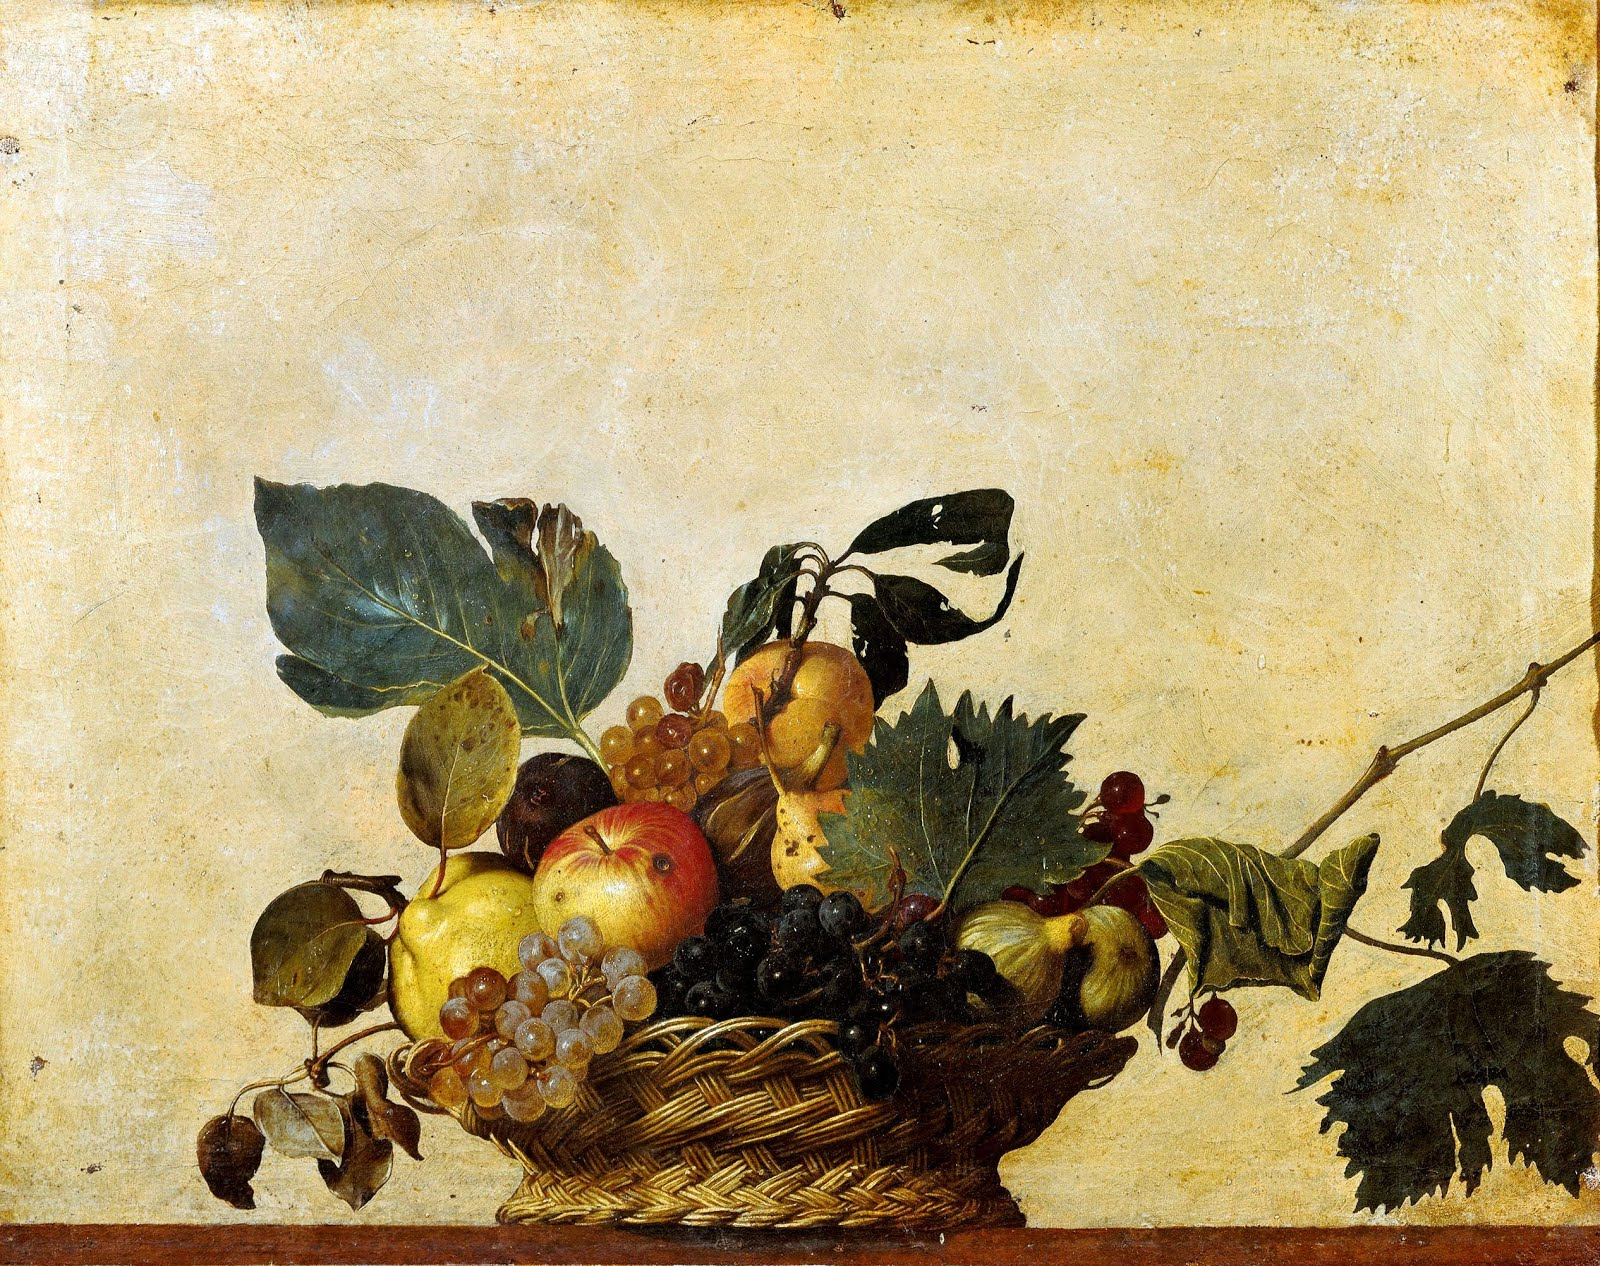 Caravaggio, 1599